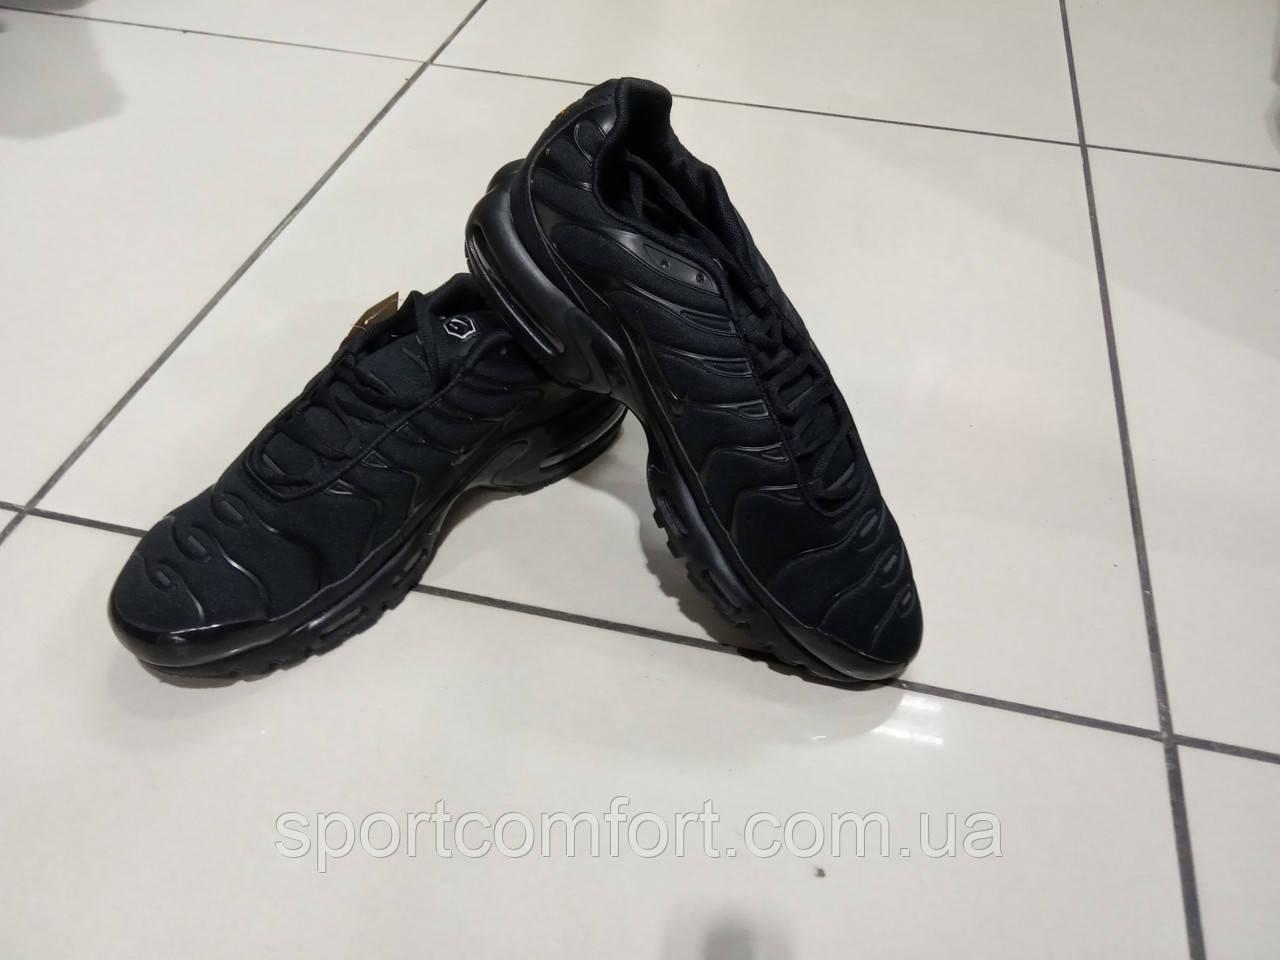 Чёрные кроссовки сетка nike